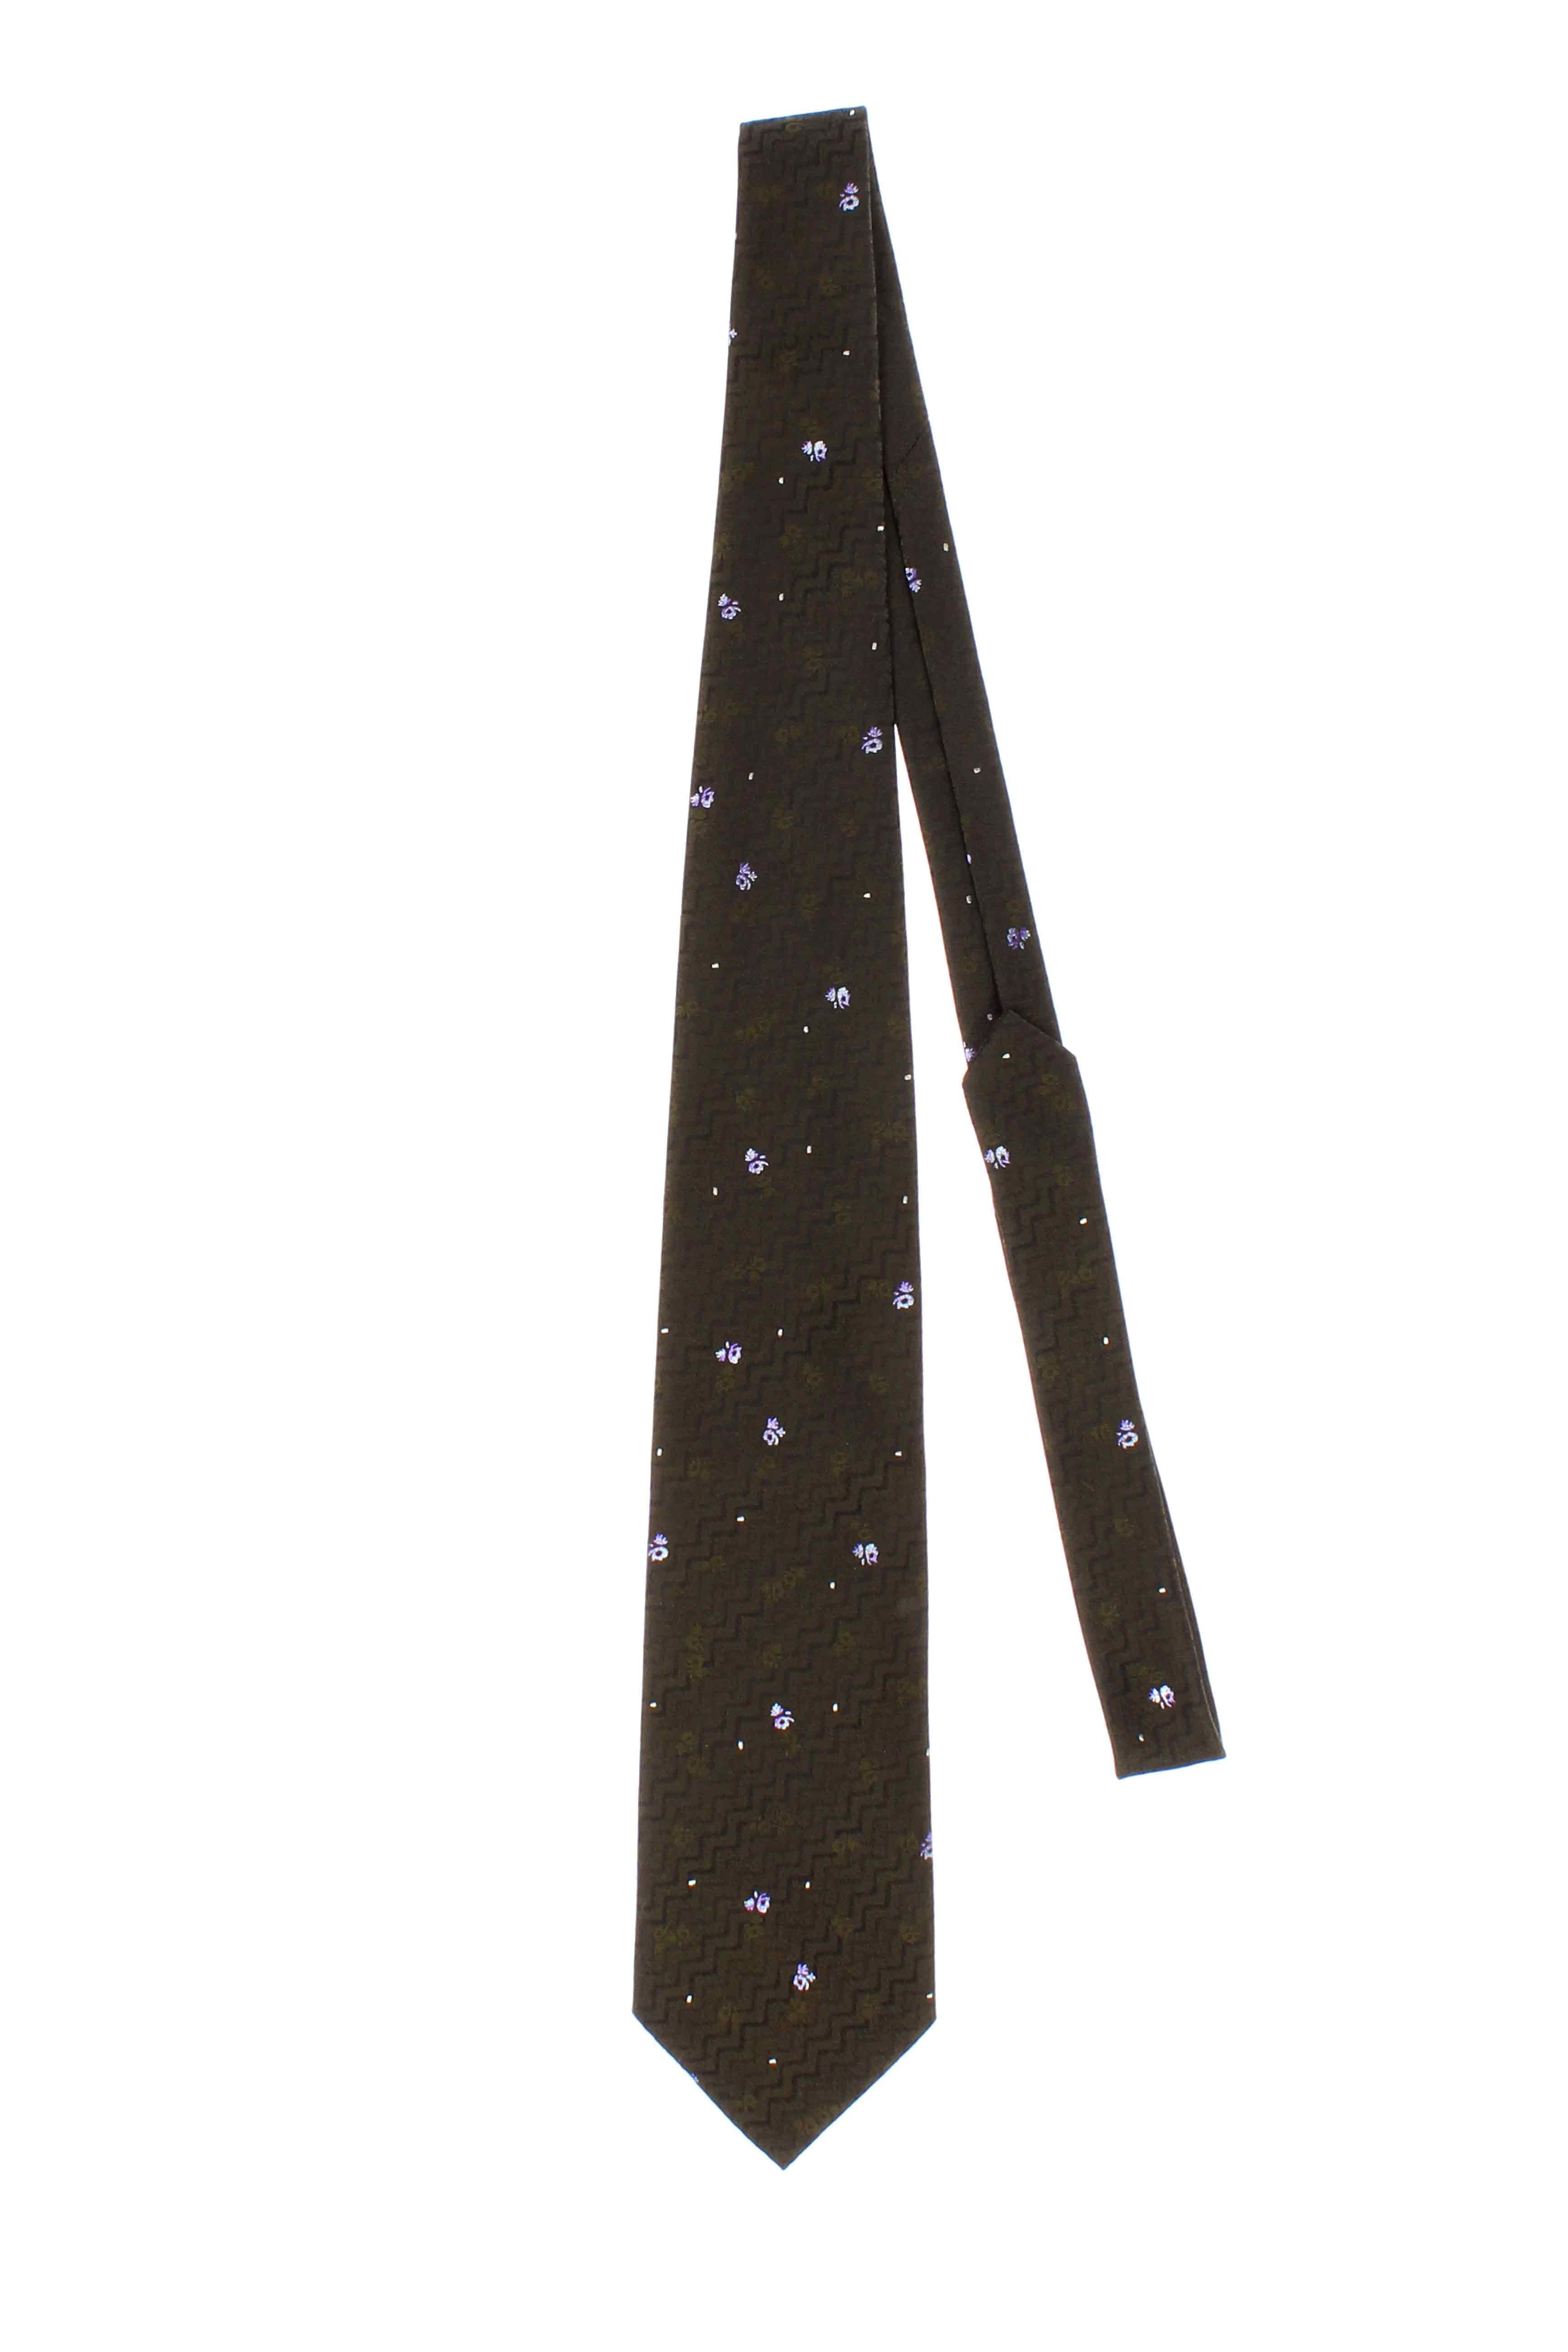 fibre cravate de luxe cravates homme de couleur vert en soldes pas cher 803745 vert00 modz. Black Bedroom Furniture Sets. Home Design Ideas